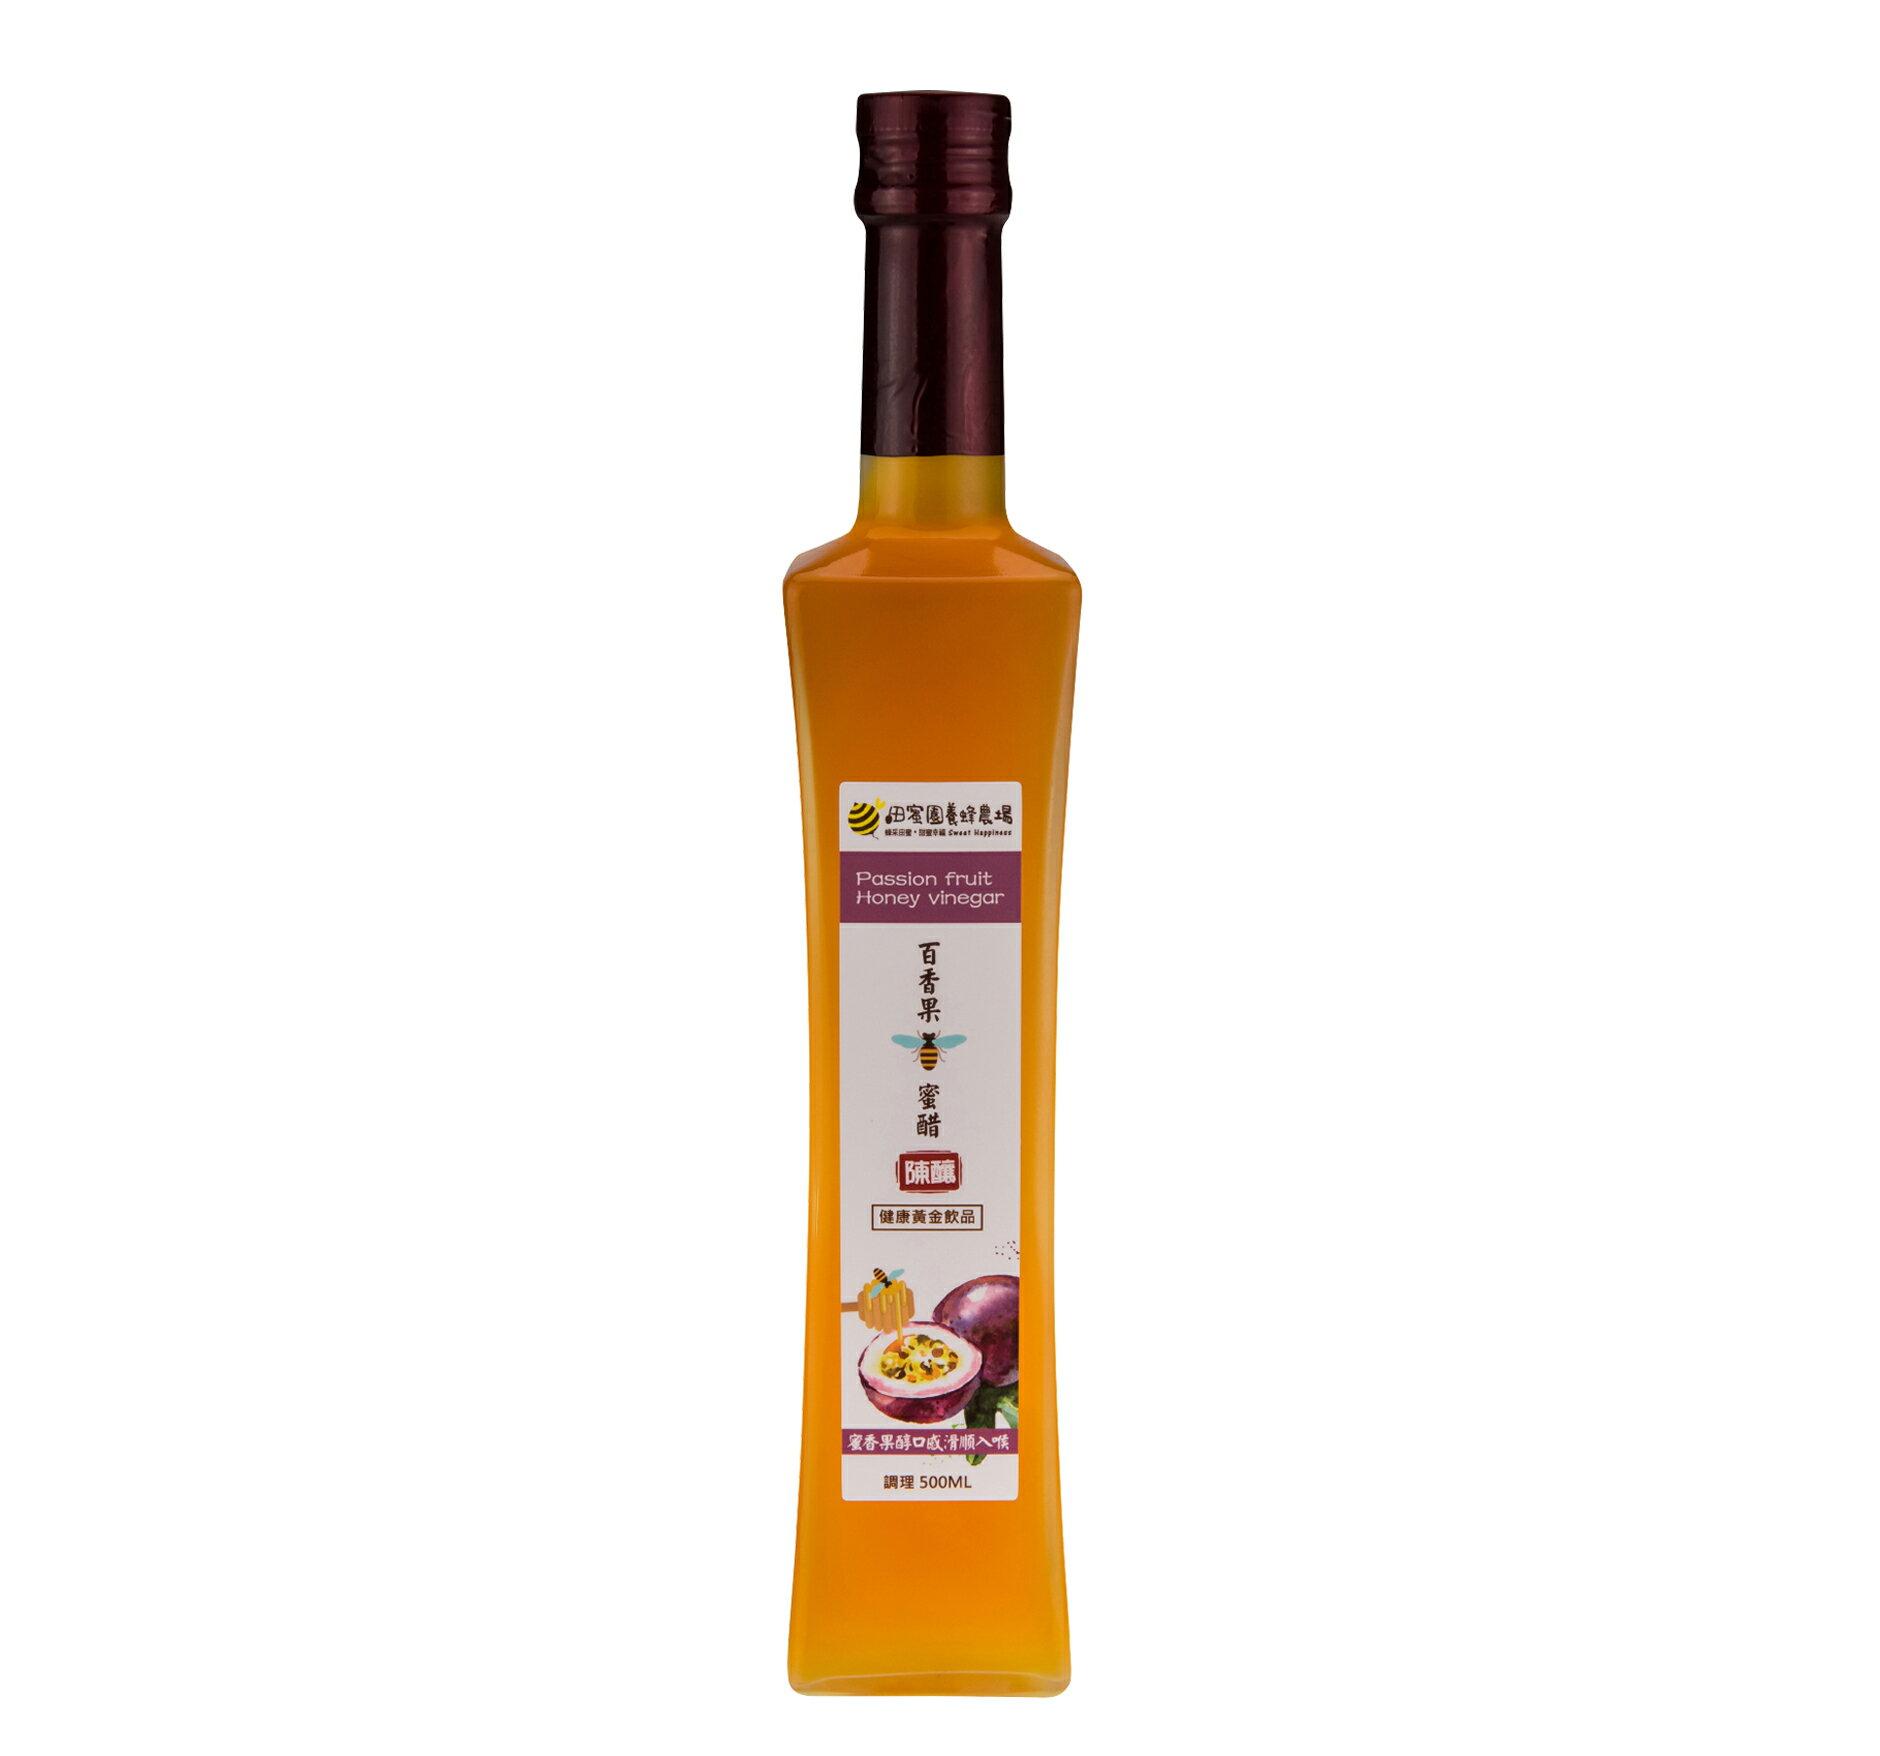 【田蜜園養蜂農場】真味有限公司|百香果蜂蜜醋|蜂蜜、蜂花粉、蜂王乳、蜂蜜醋系列